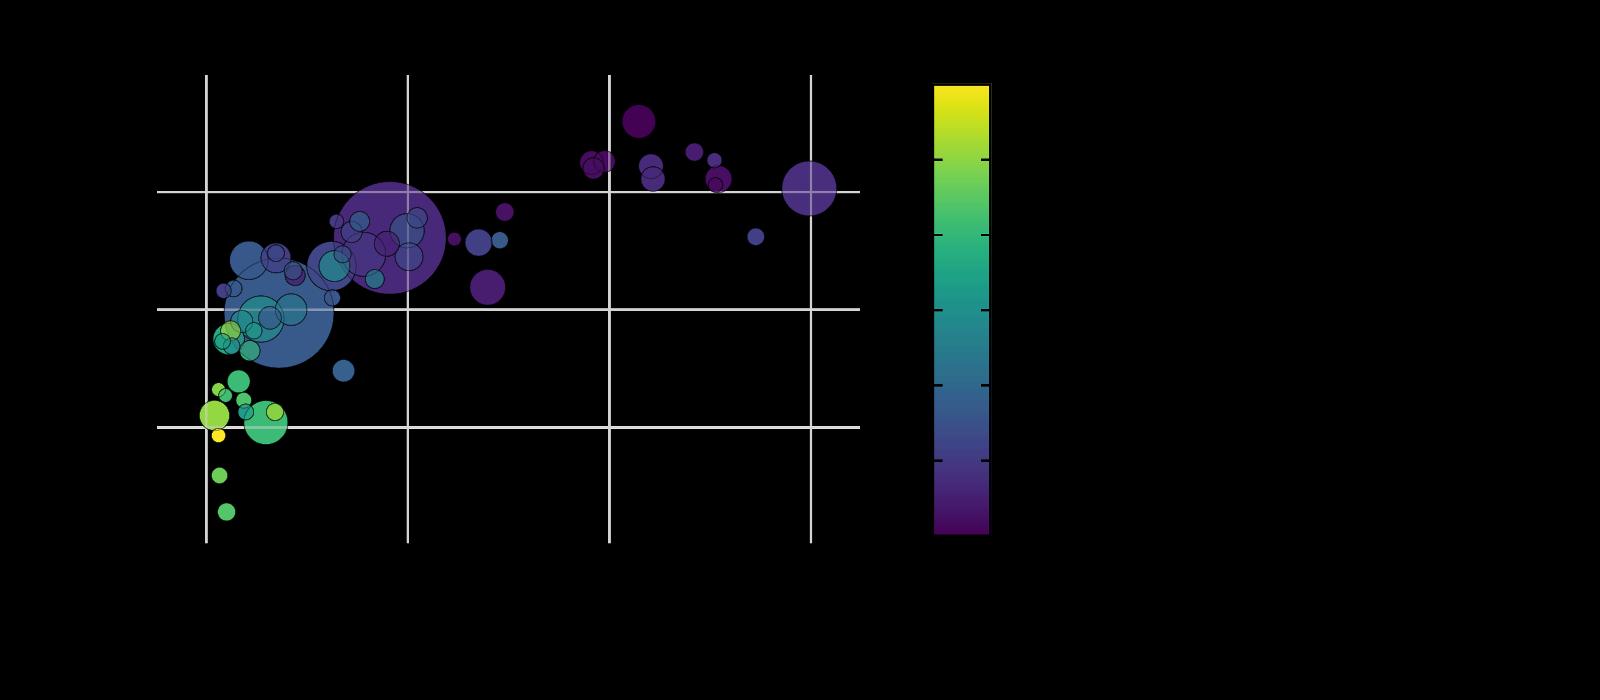 医学統計解析ソフトGraphPad Prism9